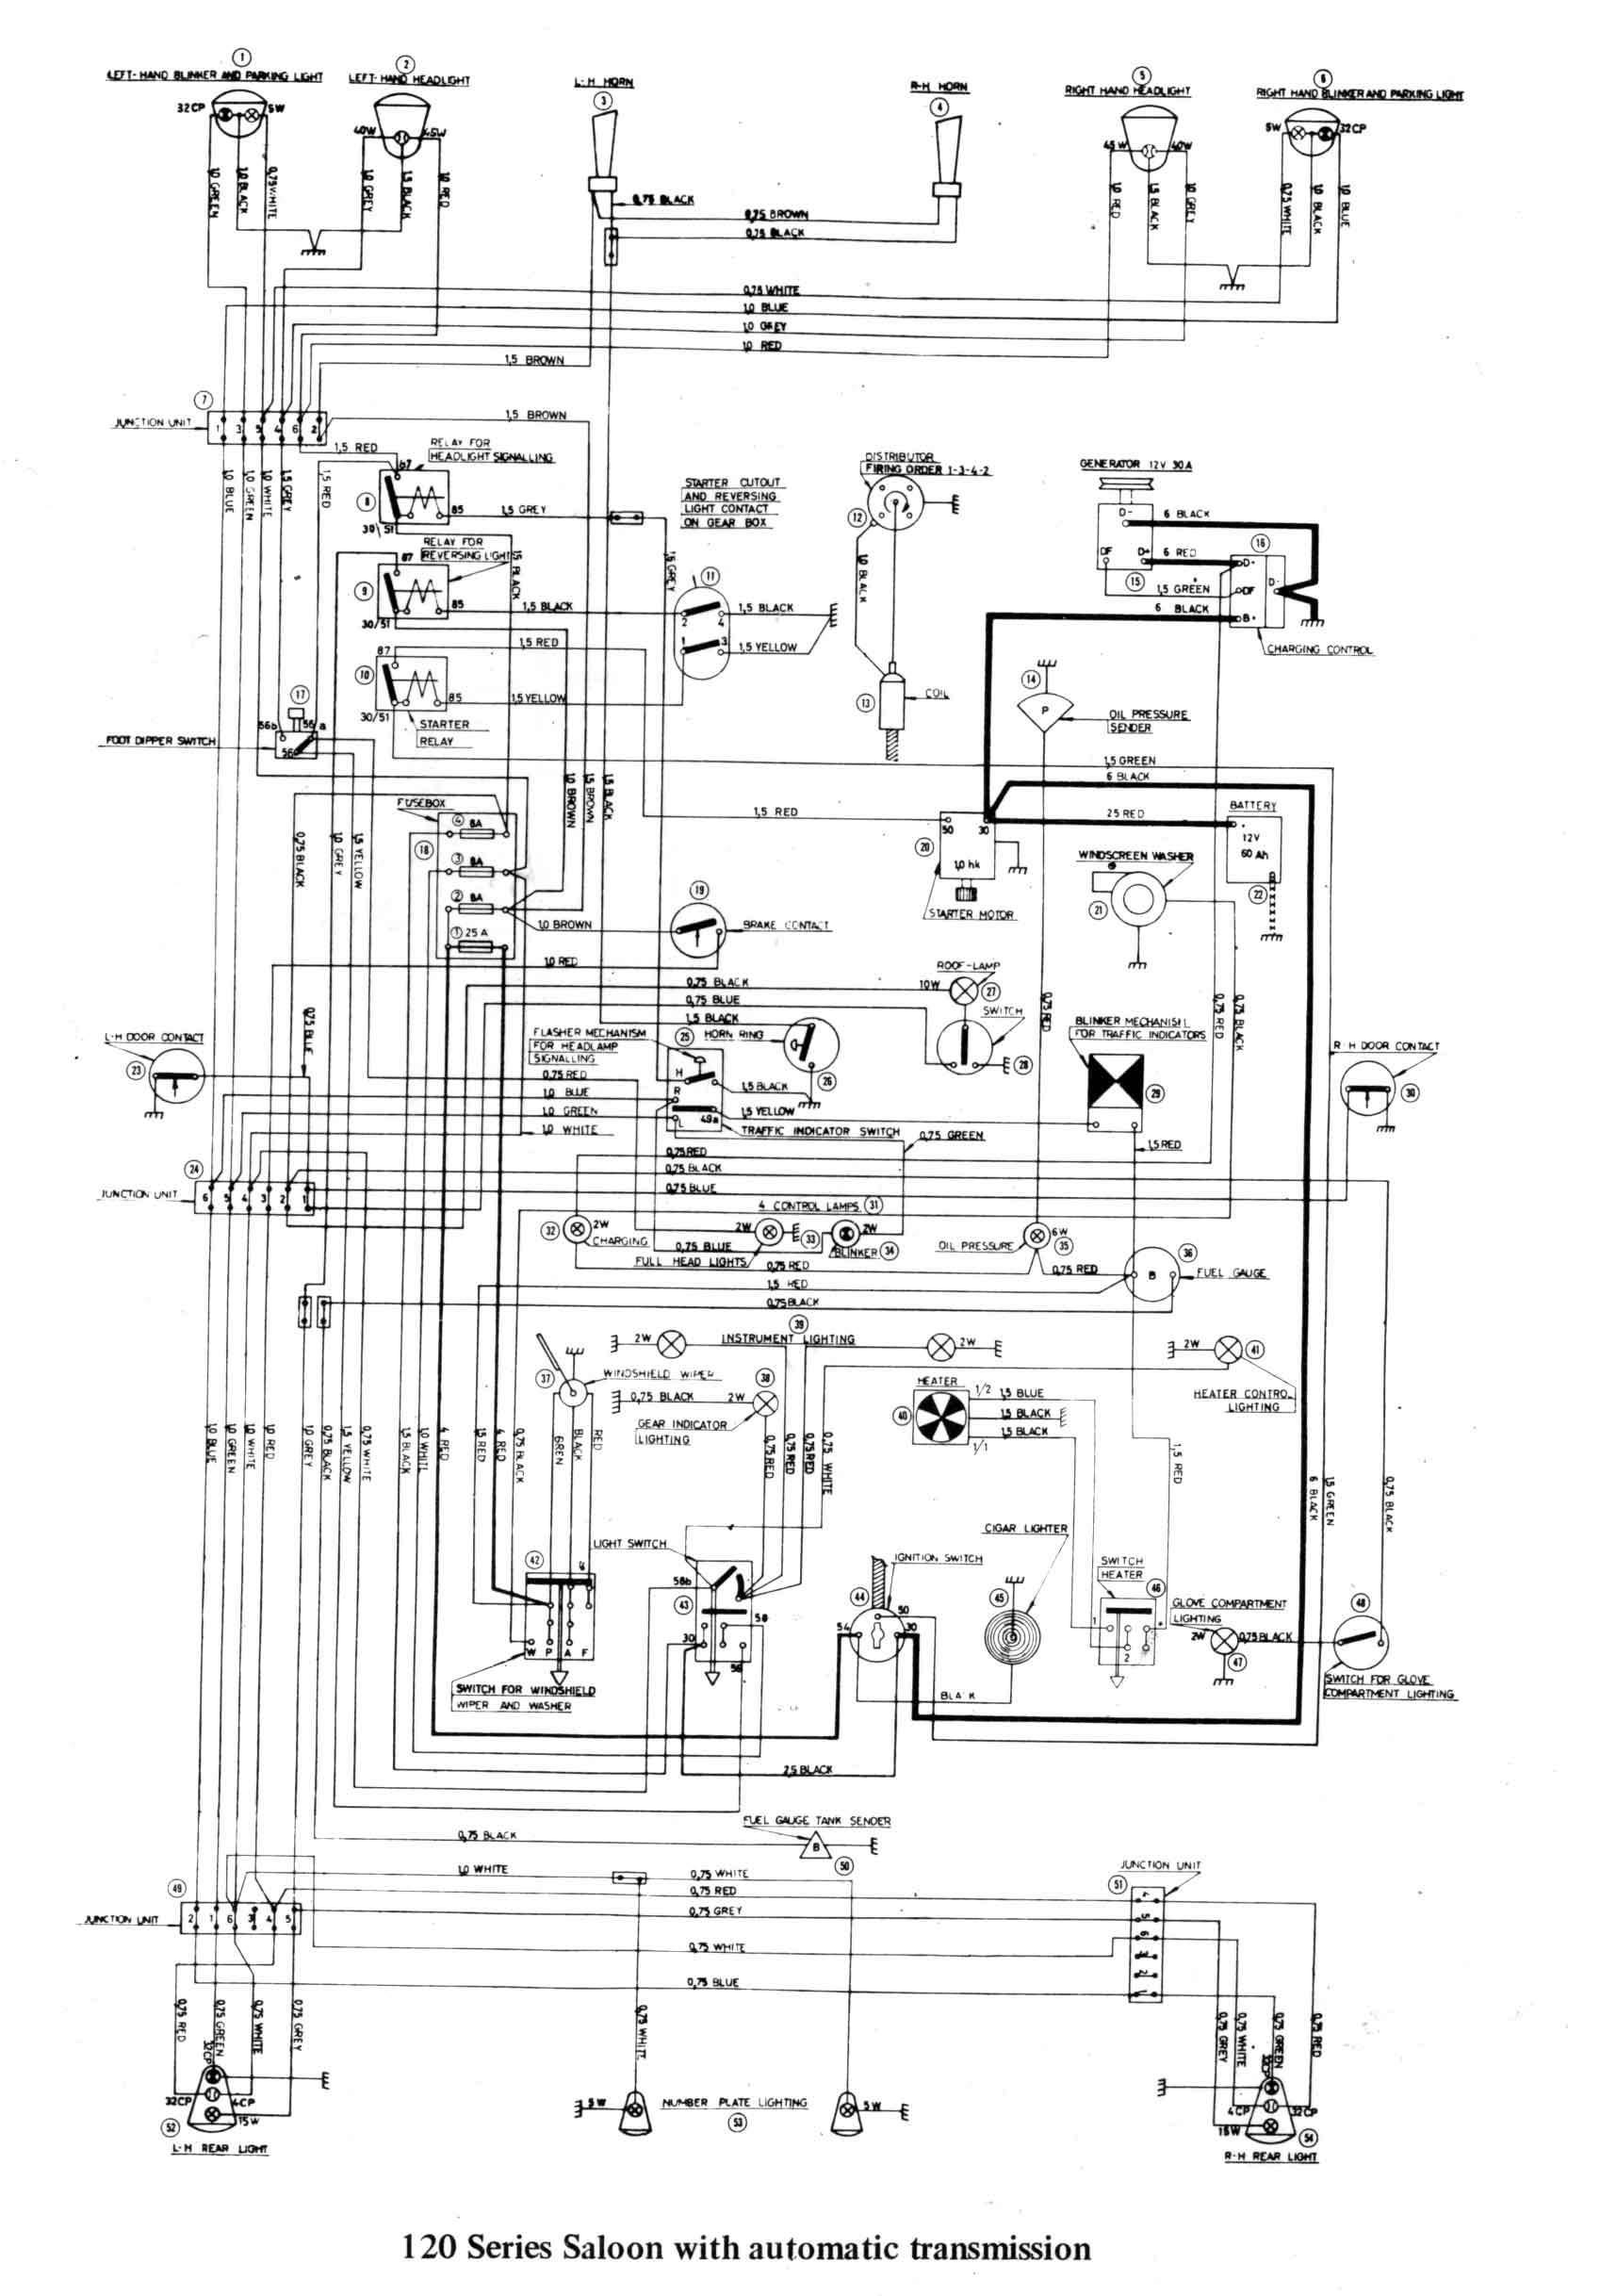 Excellent Wrg 2891 Suzuki Samurai Gm Alternator Wiring Wiring Cloud Licukosporaidewilluminateatxorg